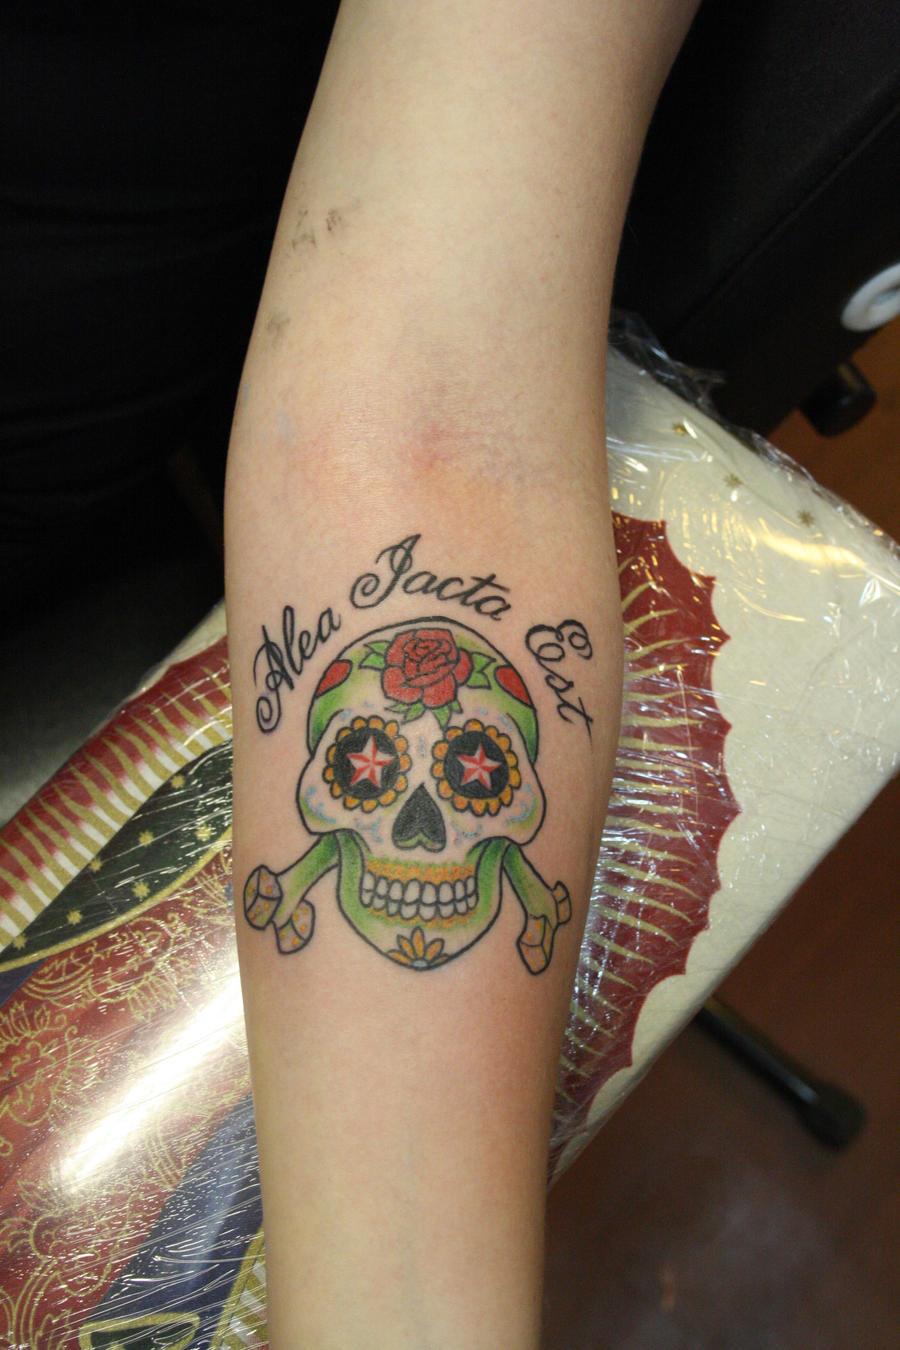 alea iacta est skull by ~SimplyTattoo on deviantART